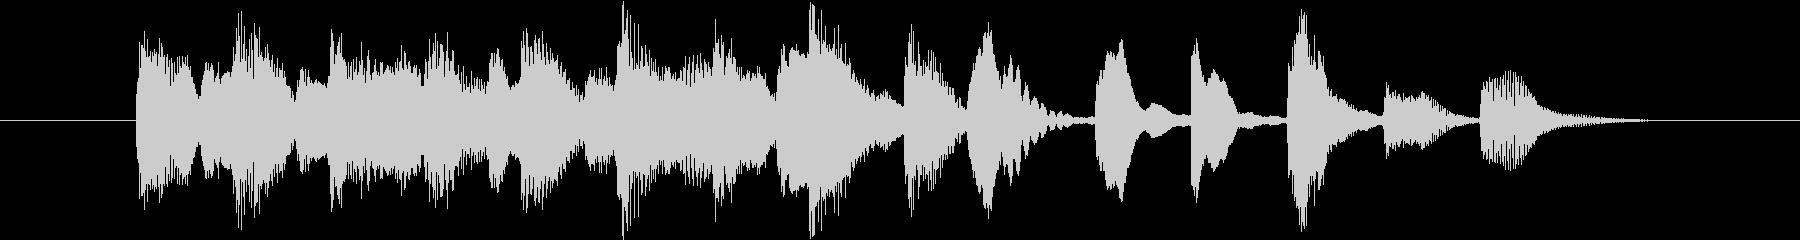 明るくほのぼのとしたピアノのジングルの未再生の波形